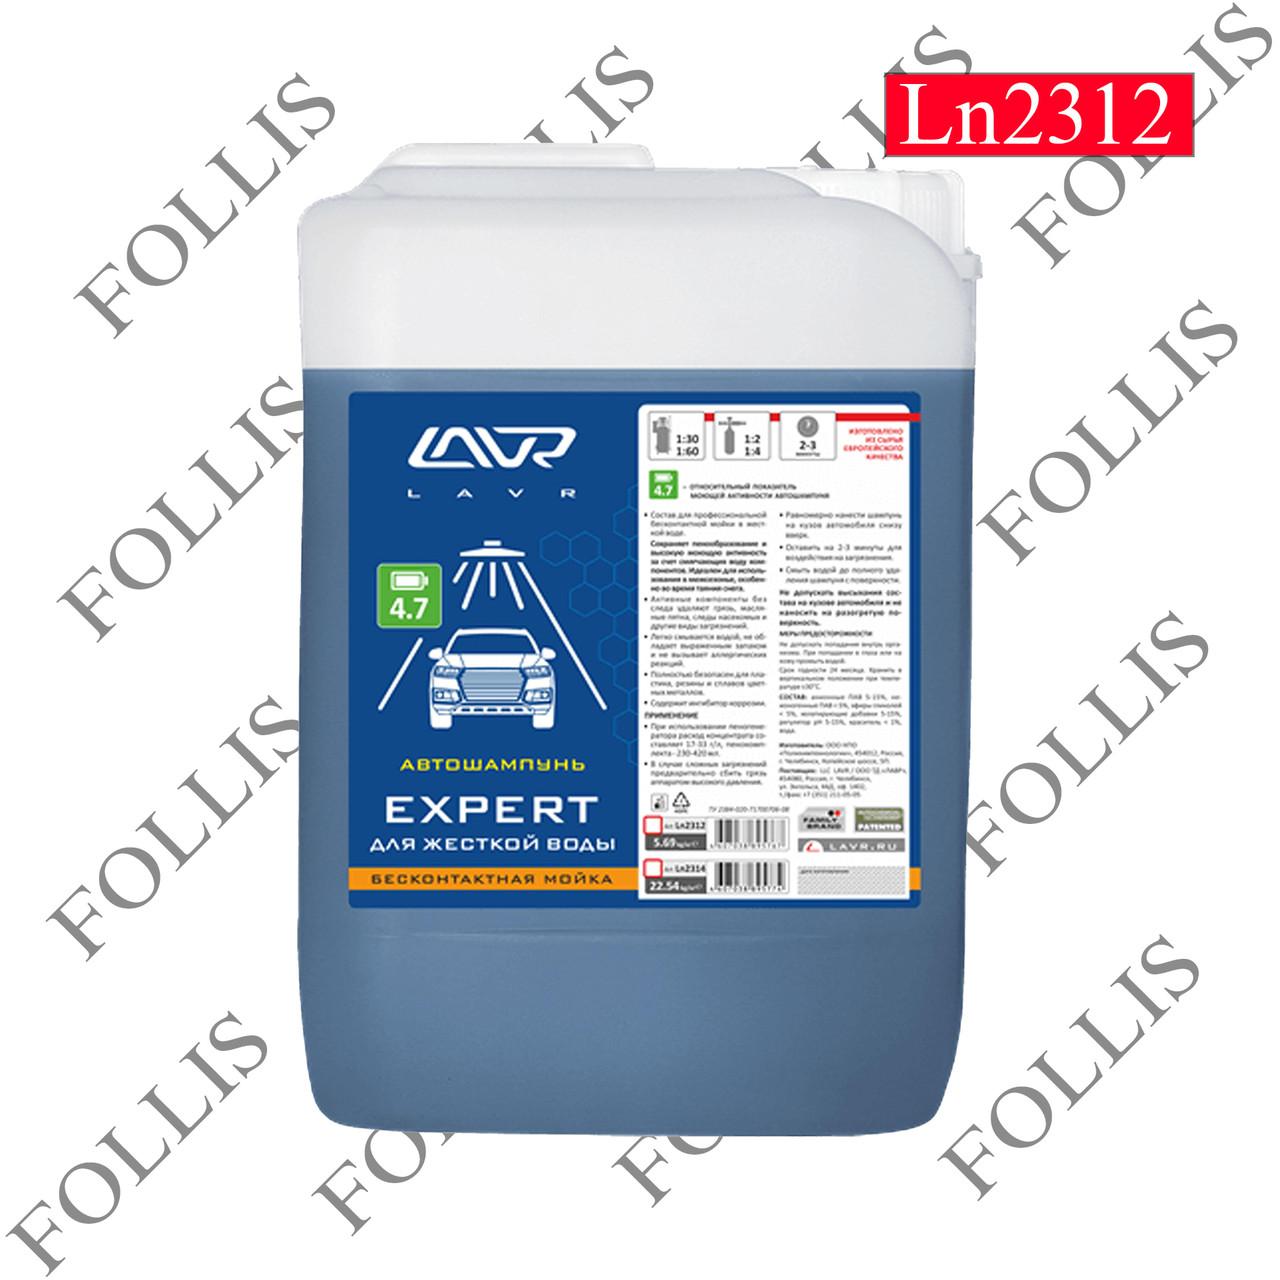 """Автошампунь для бесконтактной мойки """"EXPERT"""" для жесткой воды 4.7 (1:50-1:70) LAVR Auto shampoo EXPE"""